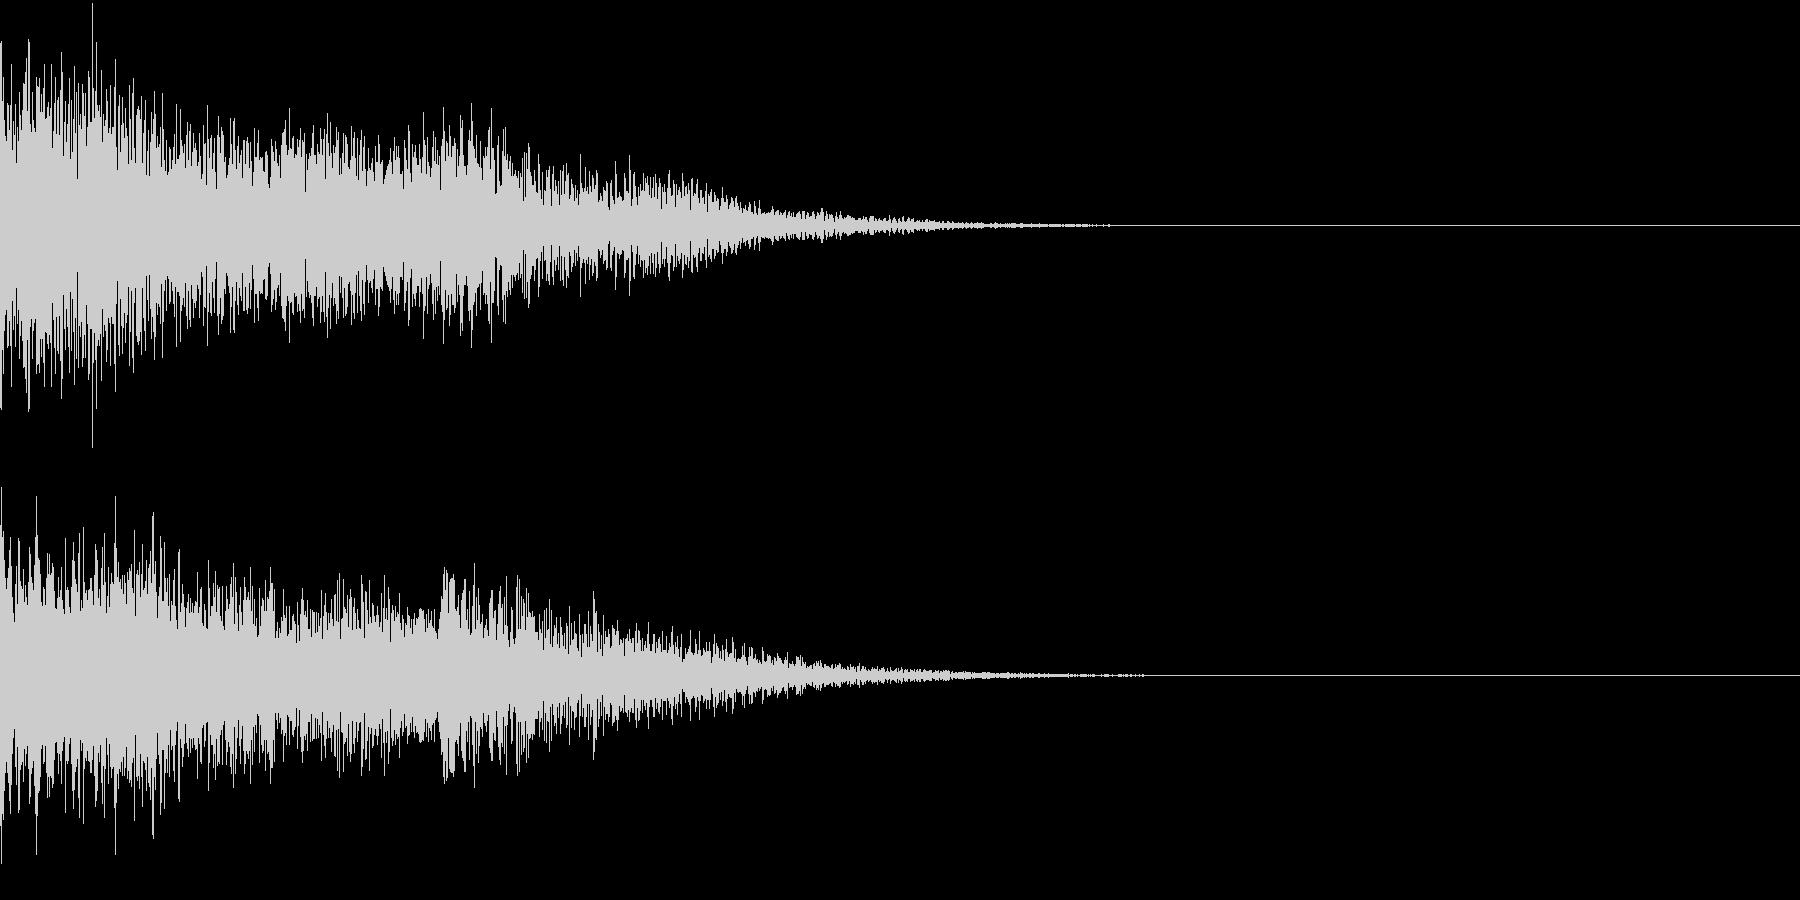 衝撃 金属音 恐怖 震撼 ホラー 01の未再生の波形